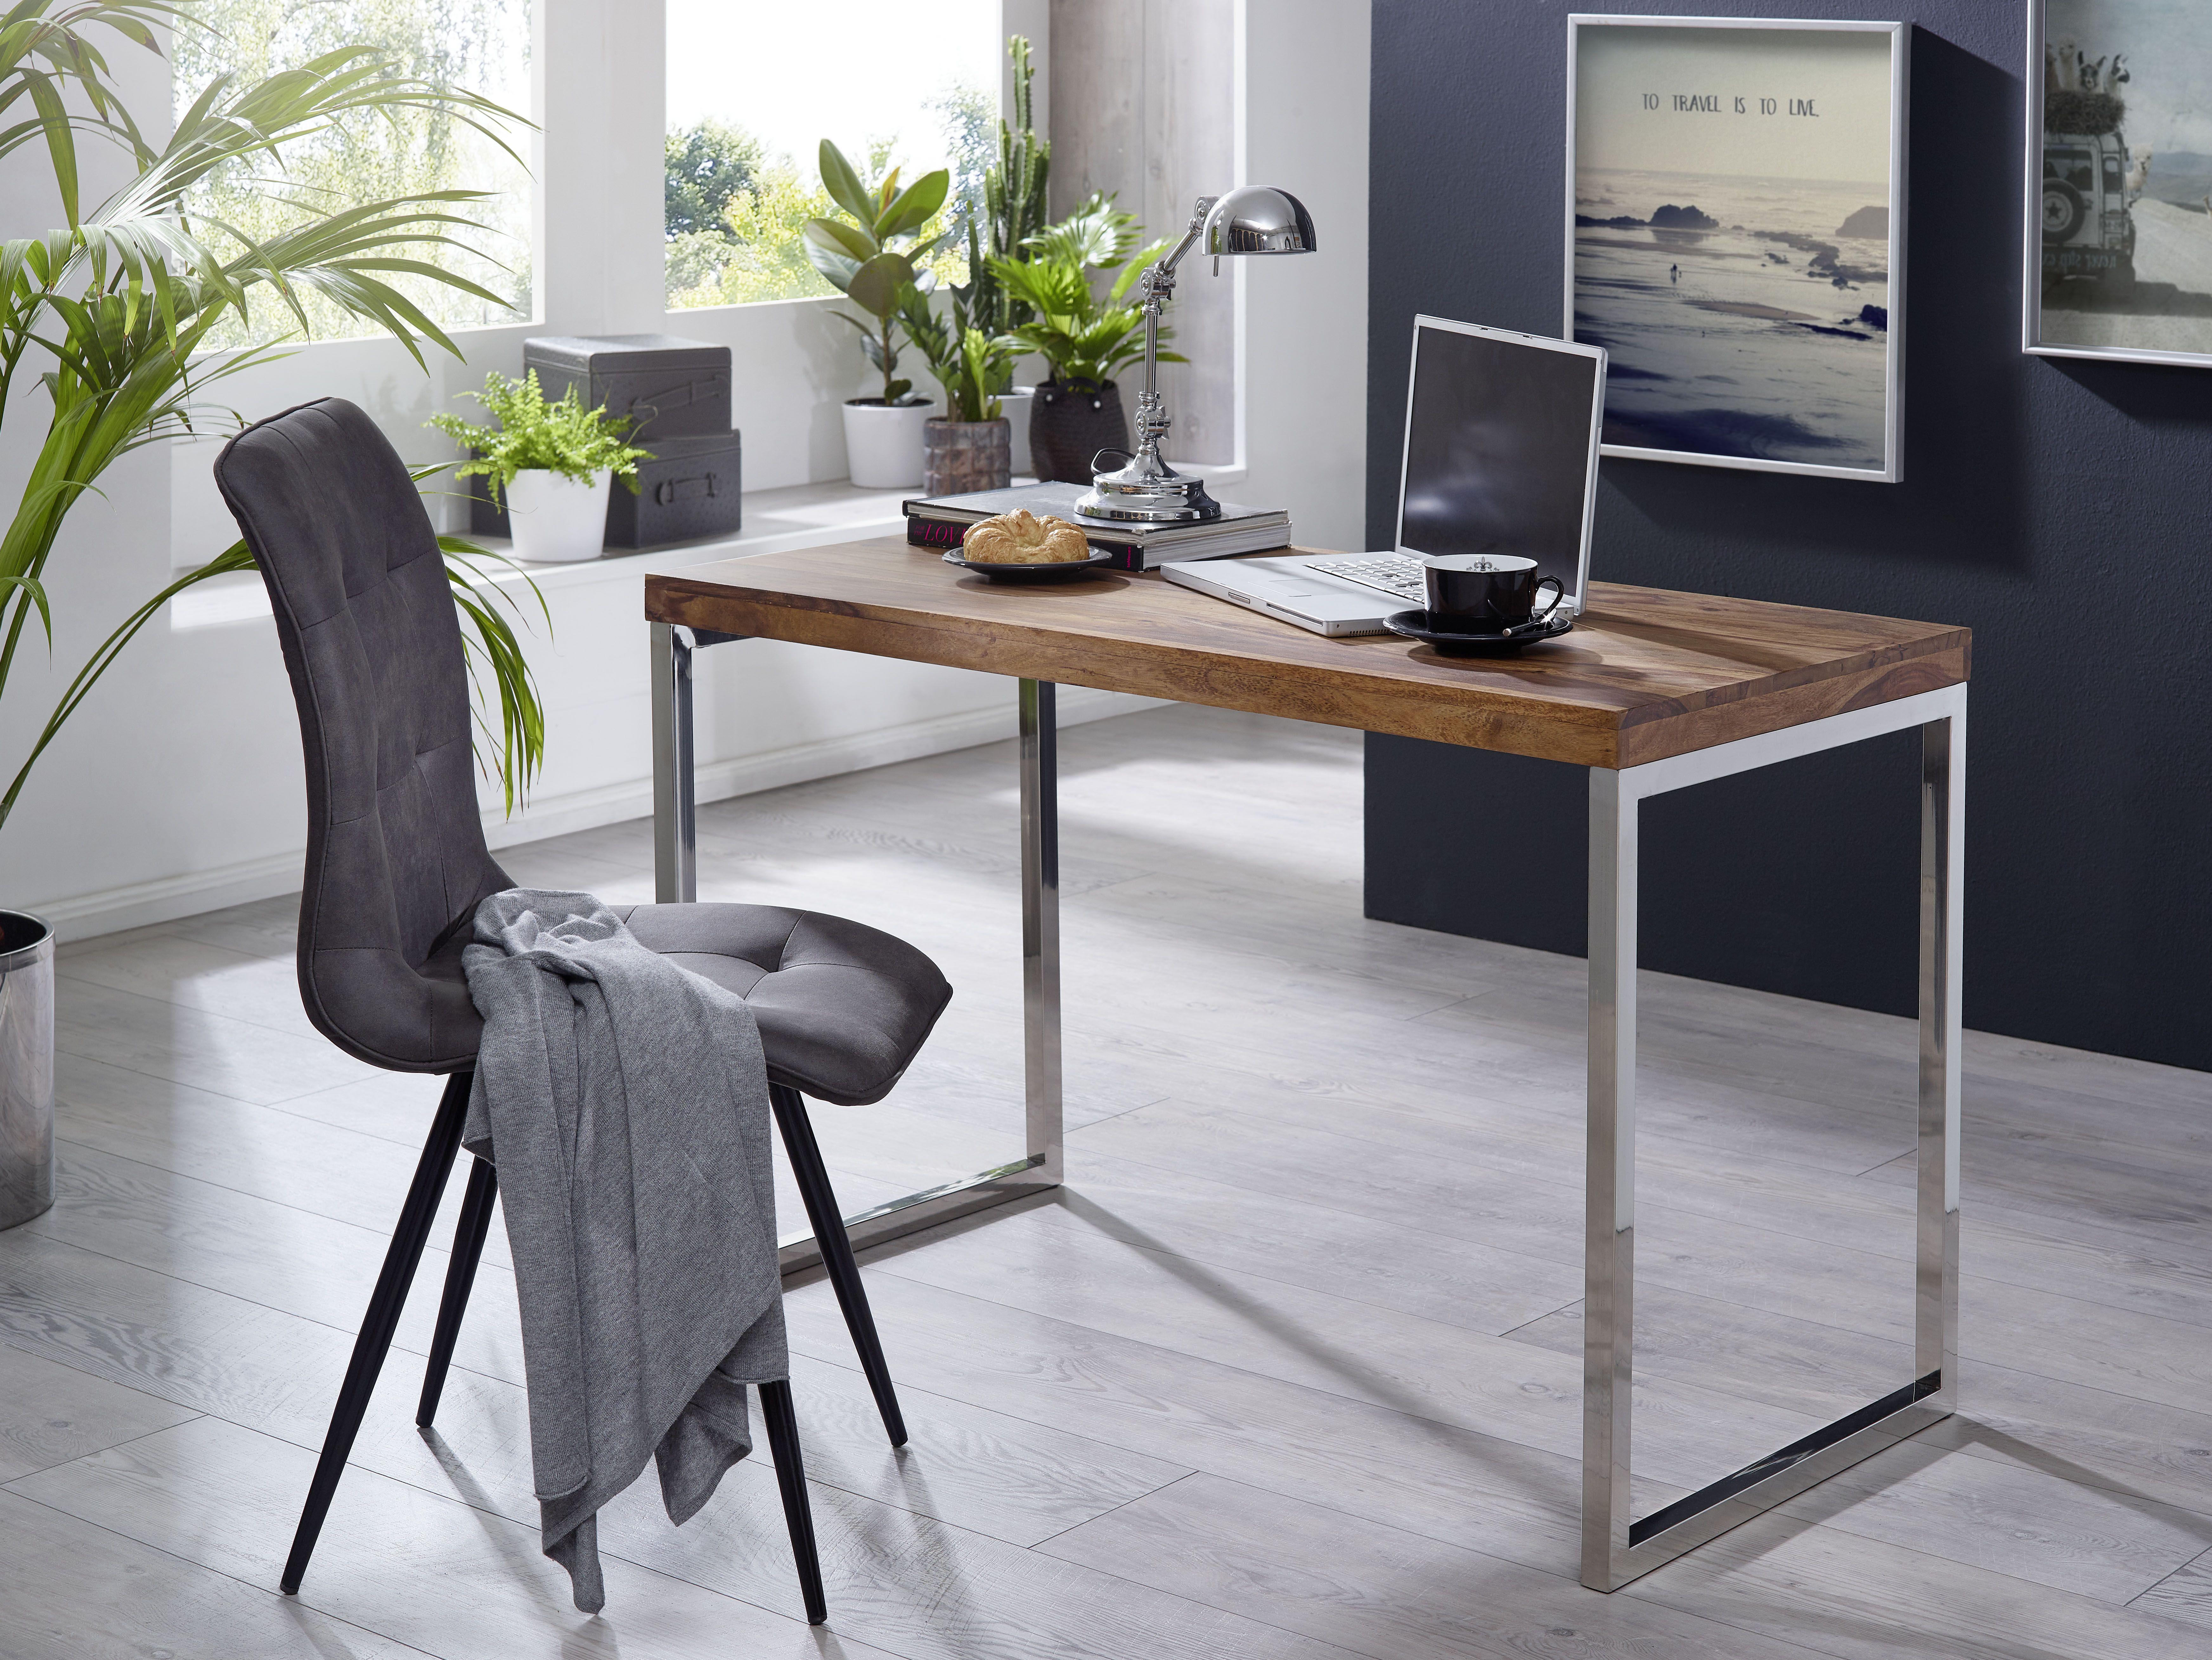 Wohnling Konsolentisch Guna WL1.787 Aus Sheesham Massivholz Und Metall  Silber #Flur #Arbeitszimmer